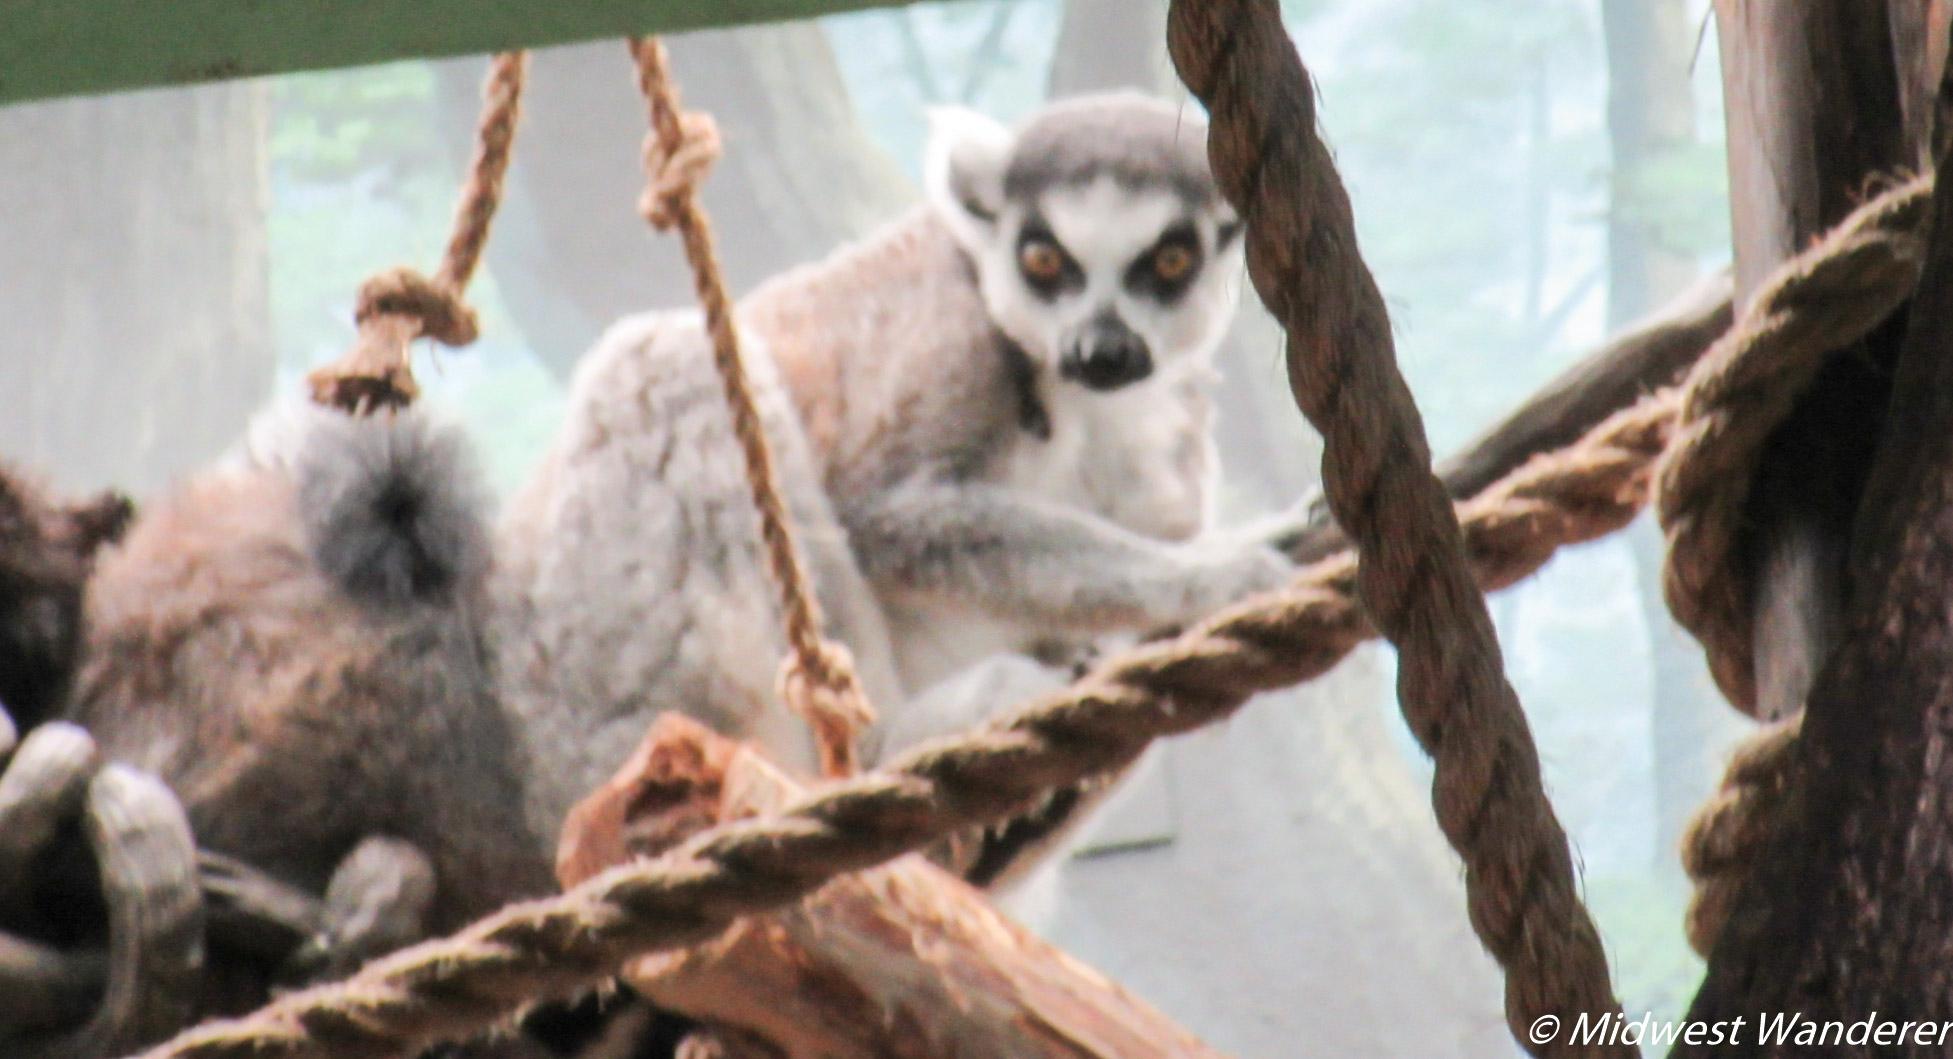 Saint Louis Zoo - Monkey Pair